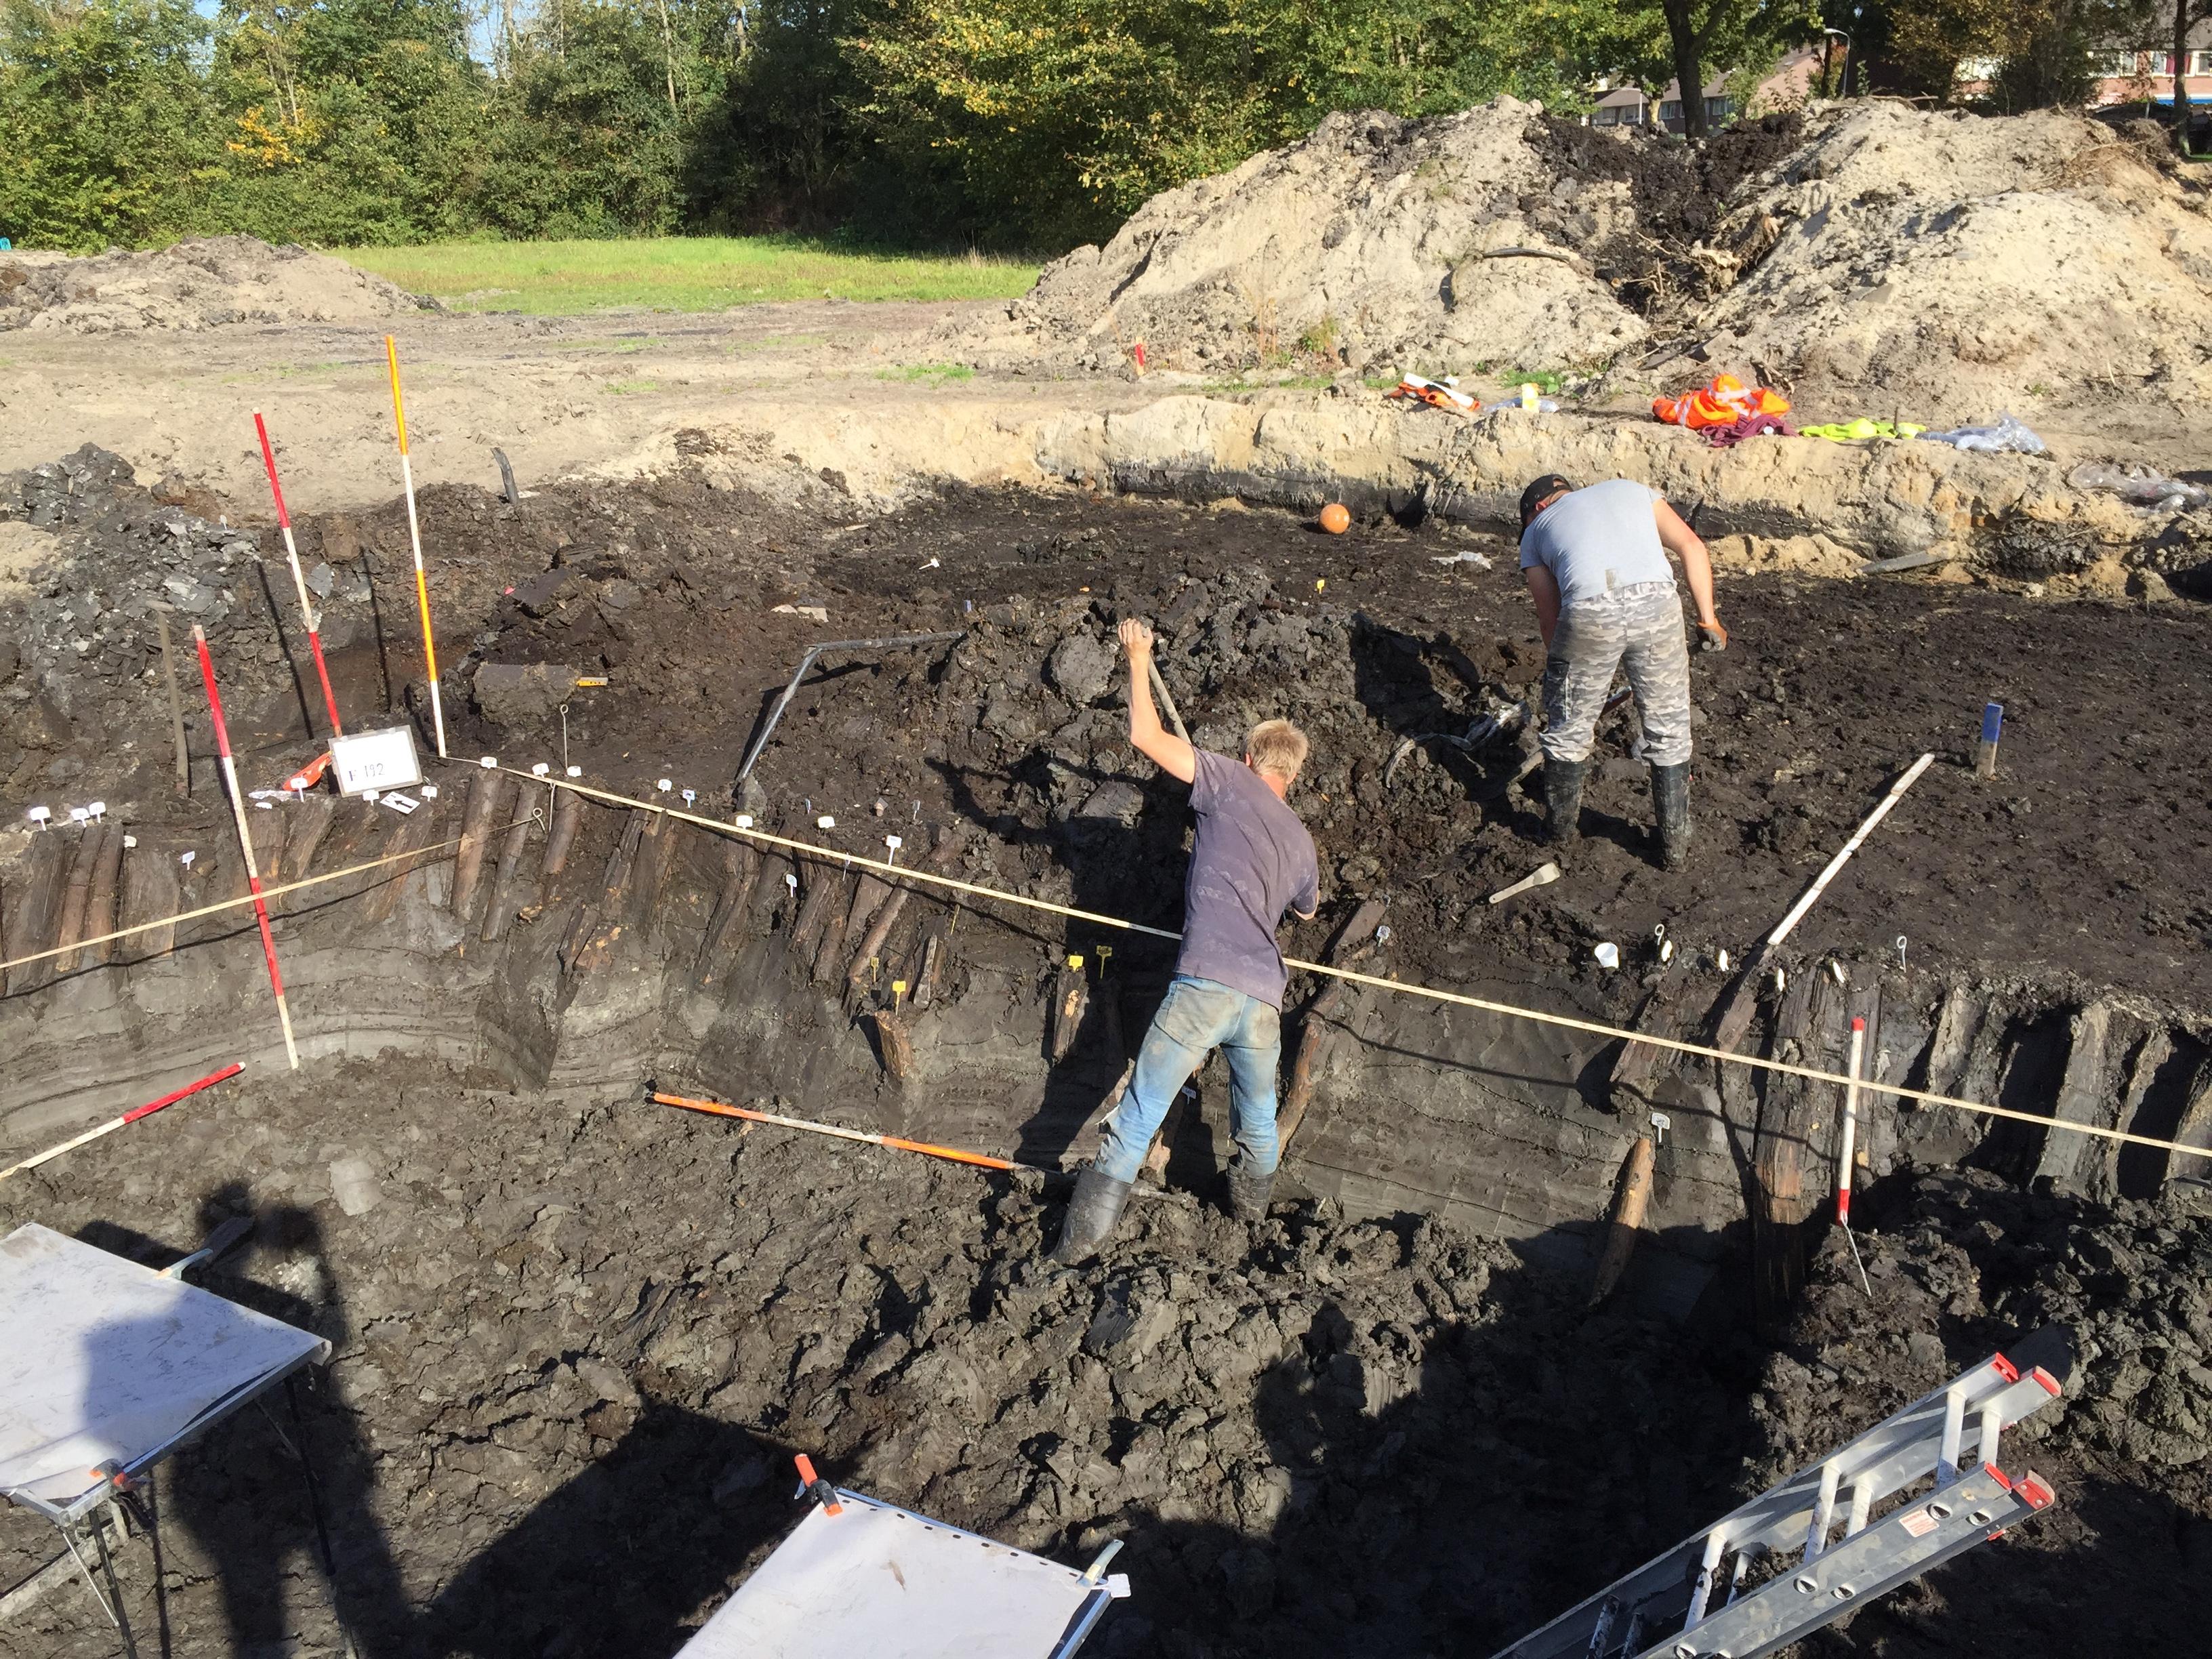 Archeologen leggen de noordhoek van de palissade bloot. Duidelijk zijn de in de grond bewaard gebleven onderkanten van de palen te zien. (Foto: gemeente Zaanstad)